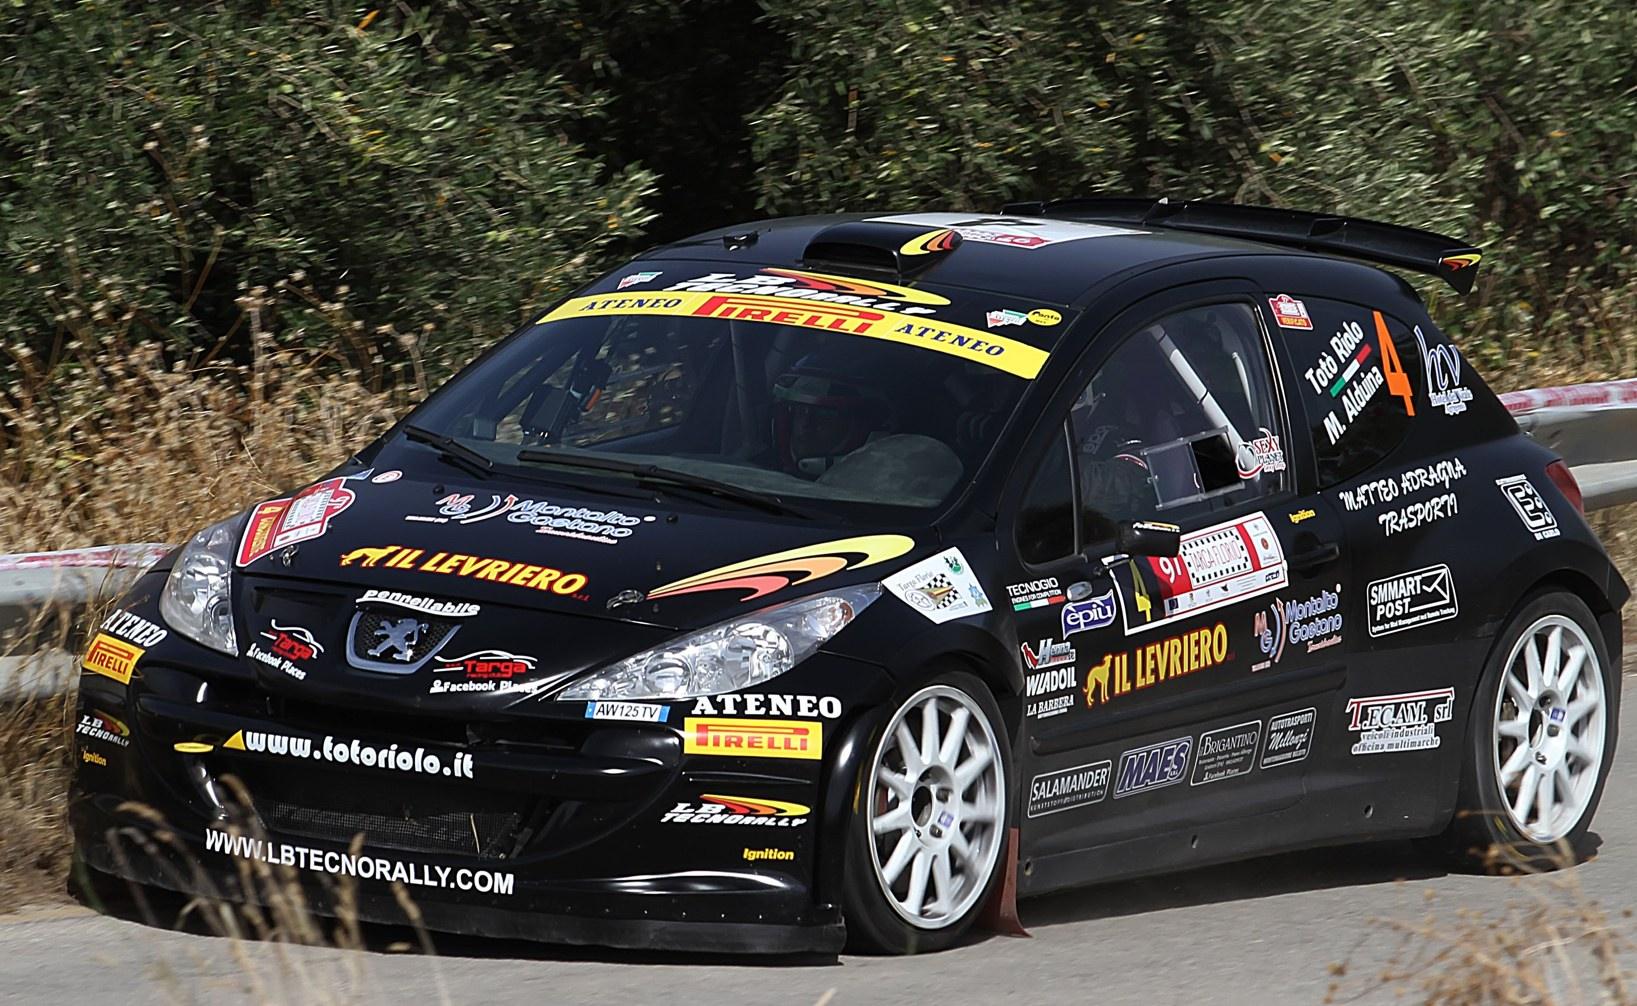 Salvatore Riolo, Massimiliano Alduina (Peugeot 207 S2000 S2000 #4, Ateneo)